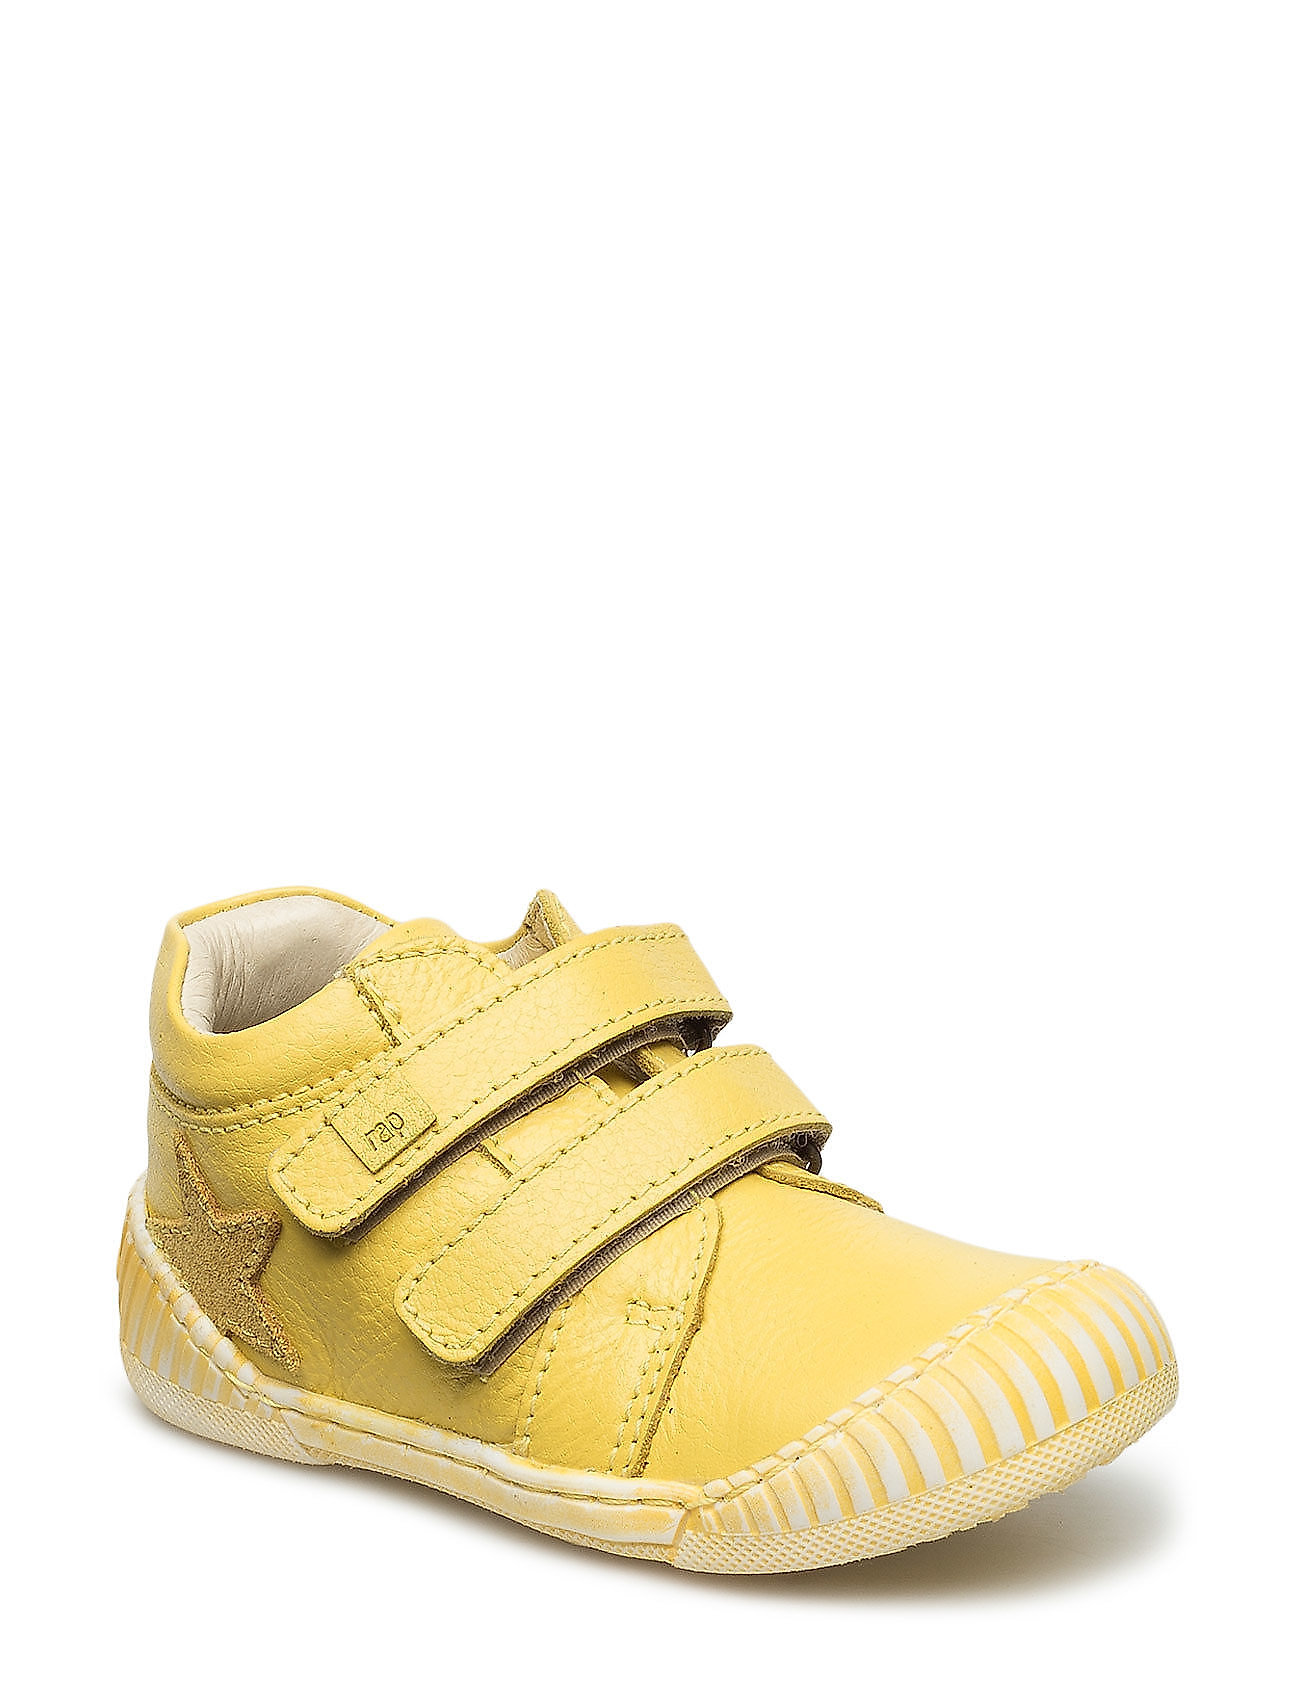 96da9e9a2a8 Ecological Low Boot, Soft Leather, Medium Fit Arauto RAP Sko & Sneakers til  Børn